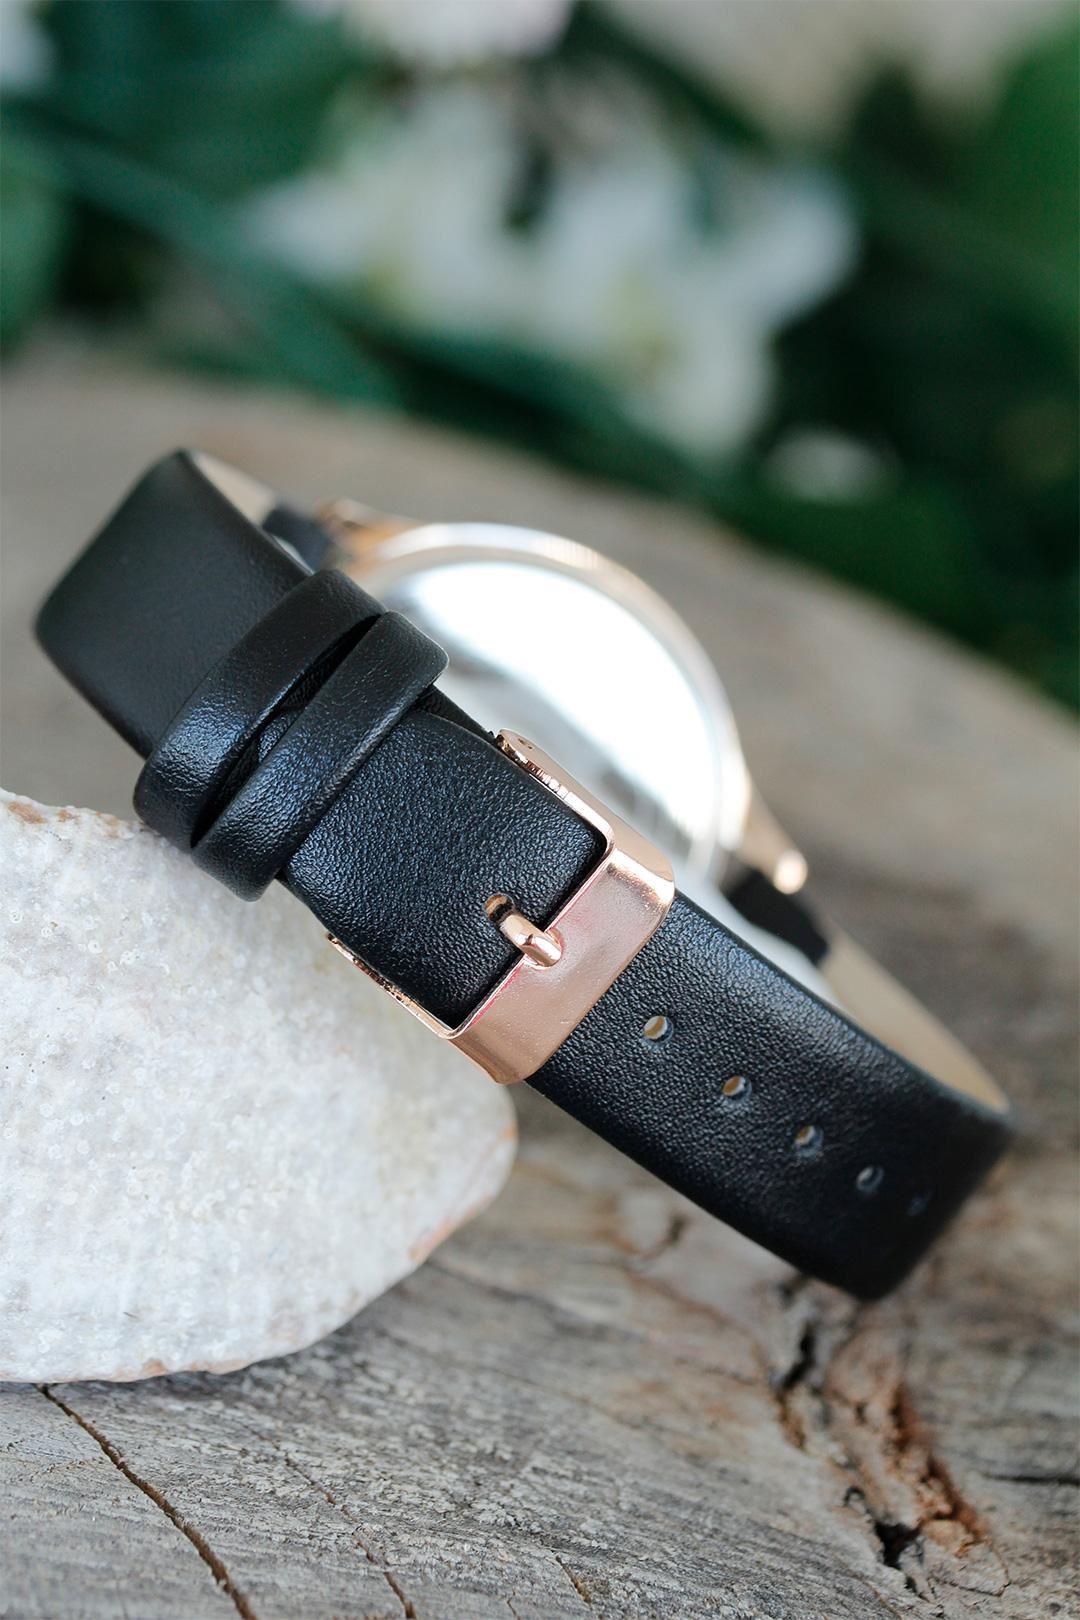 Elif Vav Tasarımlı Siyah Renk Deri Kordonlu Bayan Saat